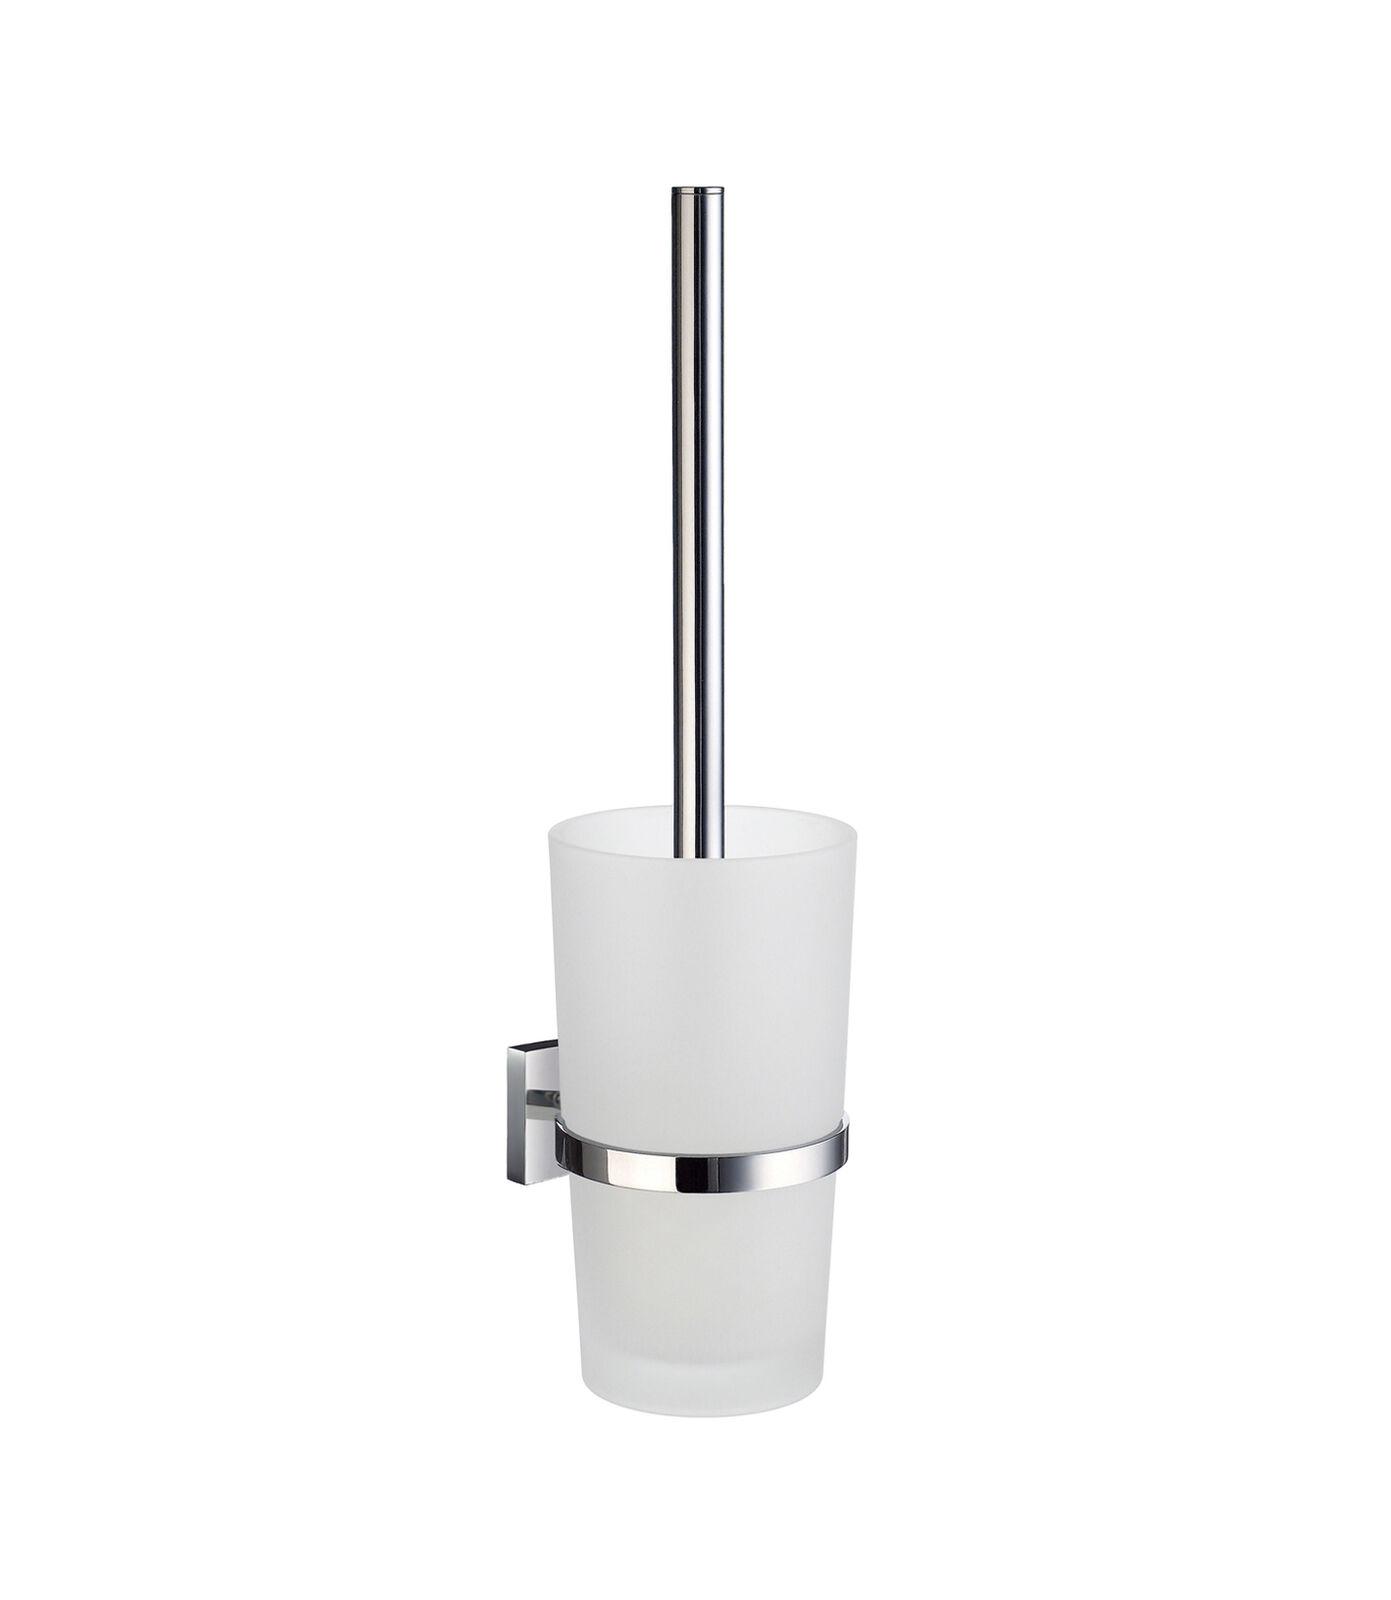 Smedbo Smedbo Smedbo House WC-Bürste mit Glas chrom RK333 | Bestellung willkommen  4ef36e